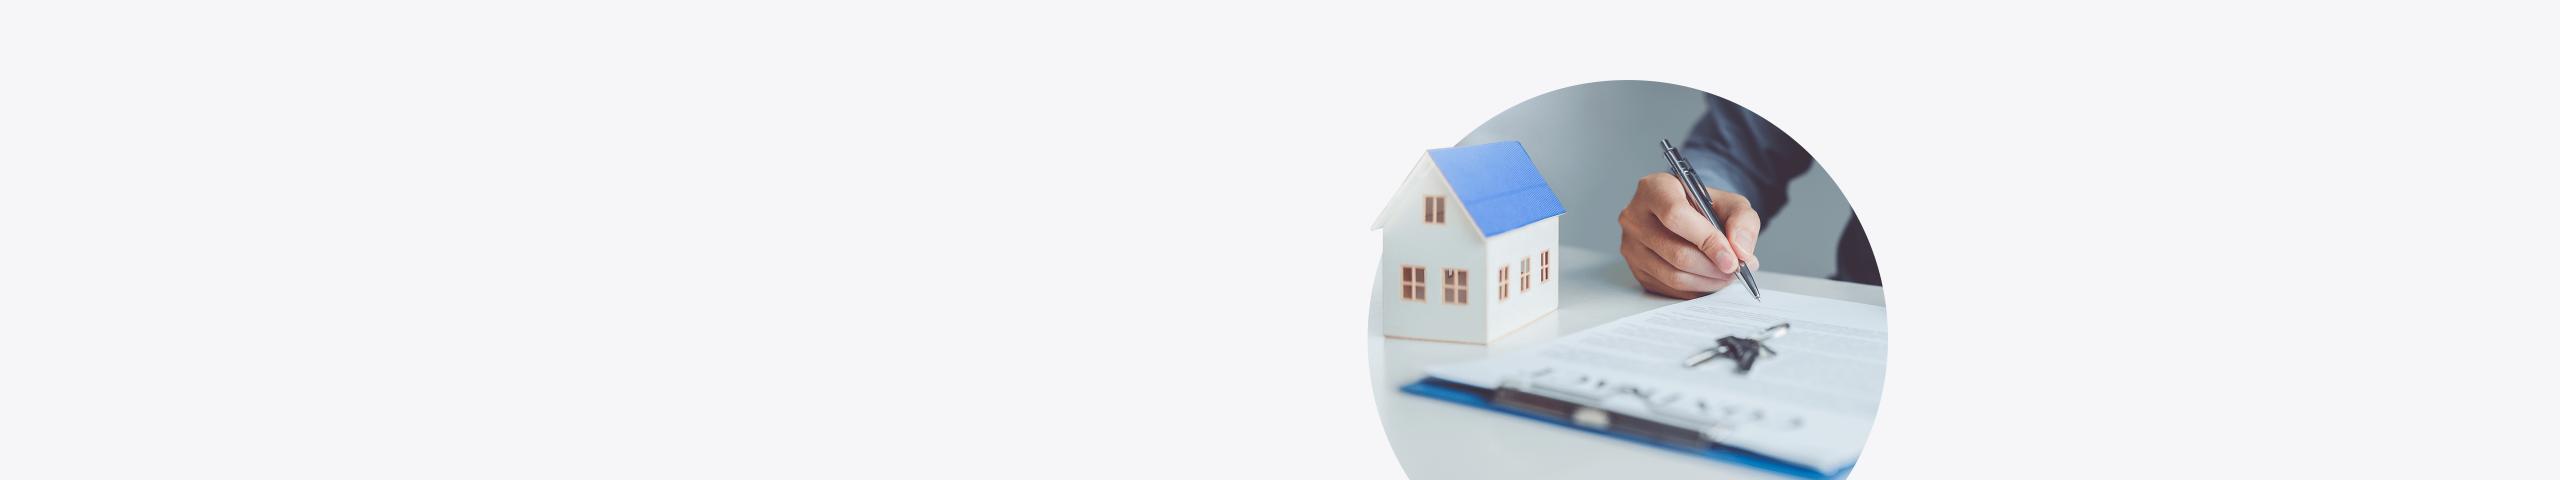 Оформление права собственности и закладной